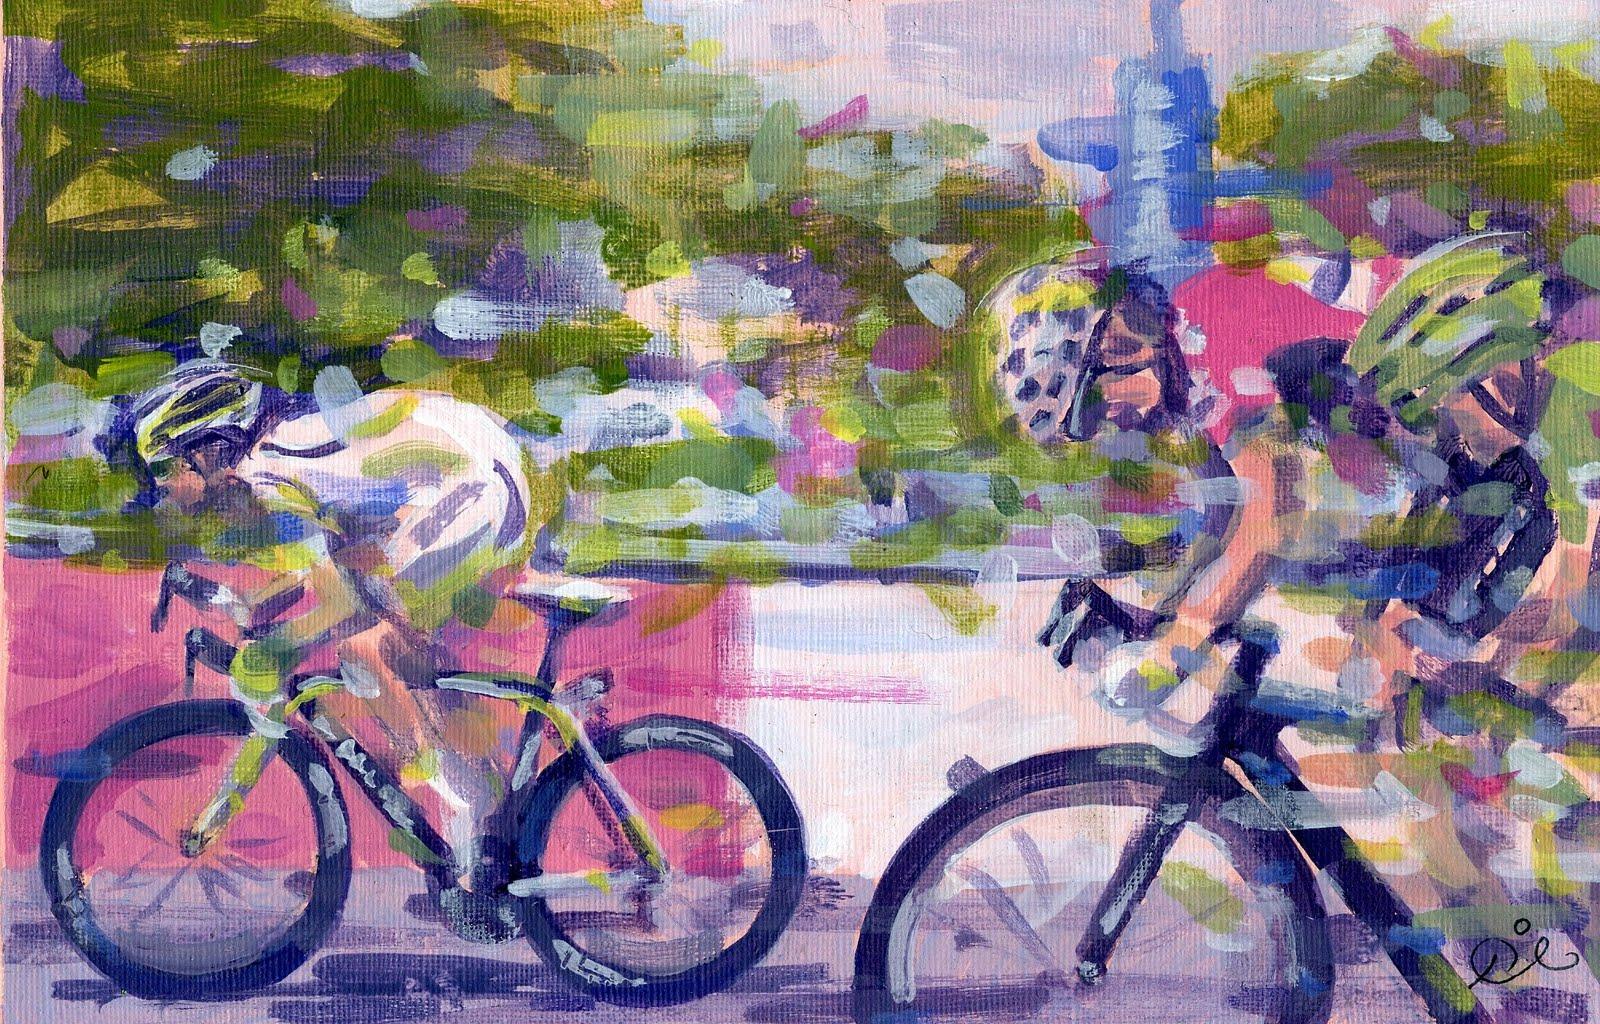 Tour de France 2010 - Champs Elysees